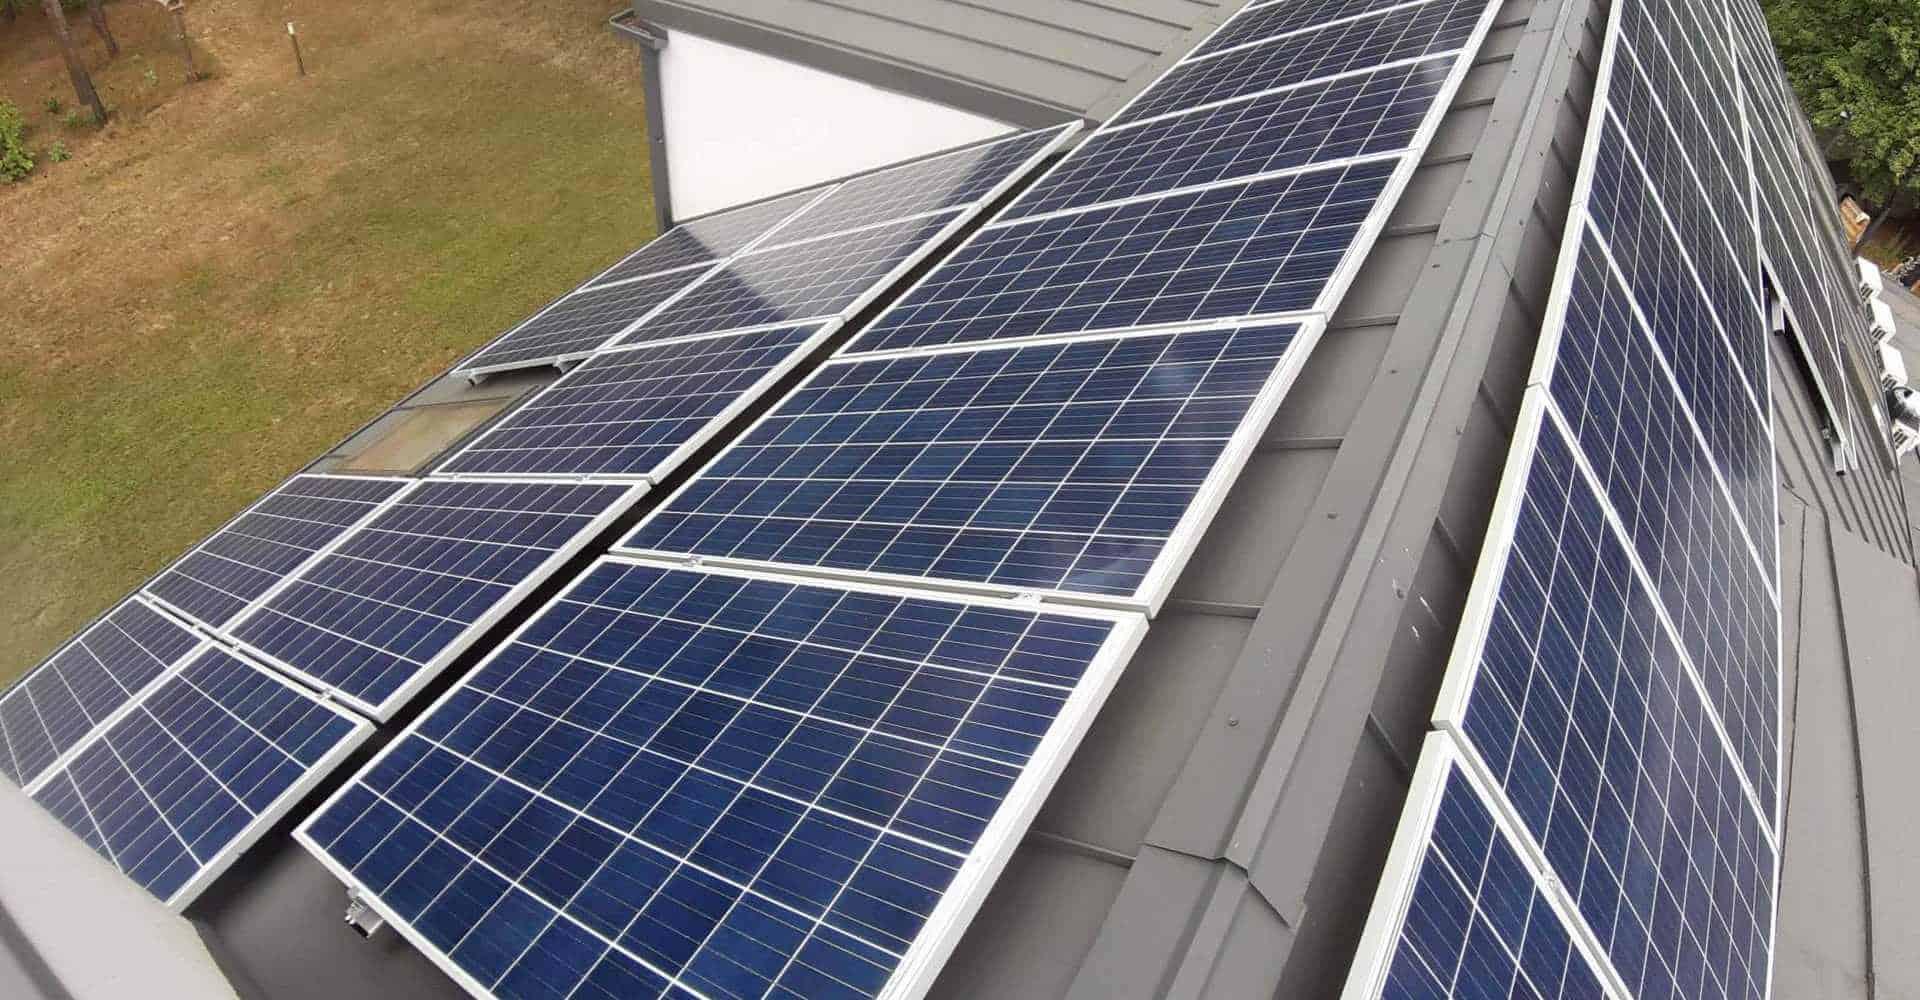 panele słoneczne w instalacjach fotowoltaicznych